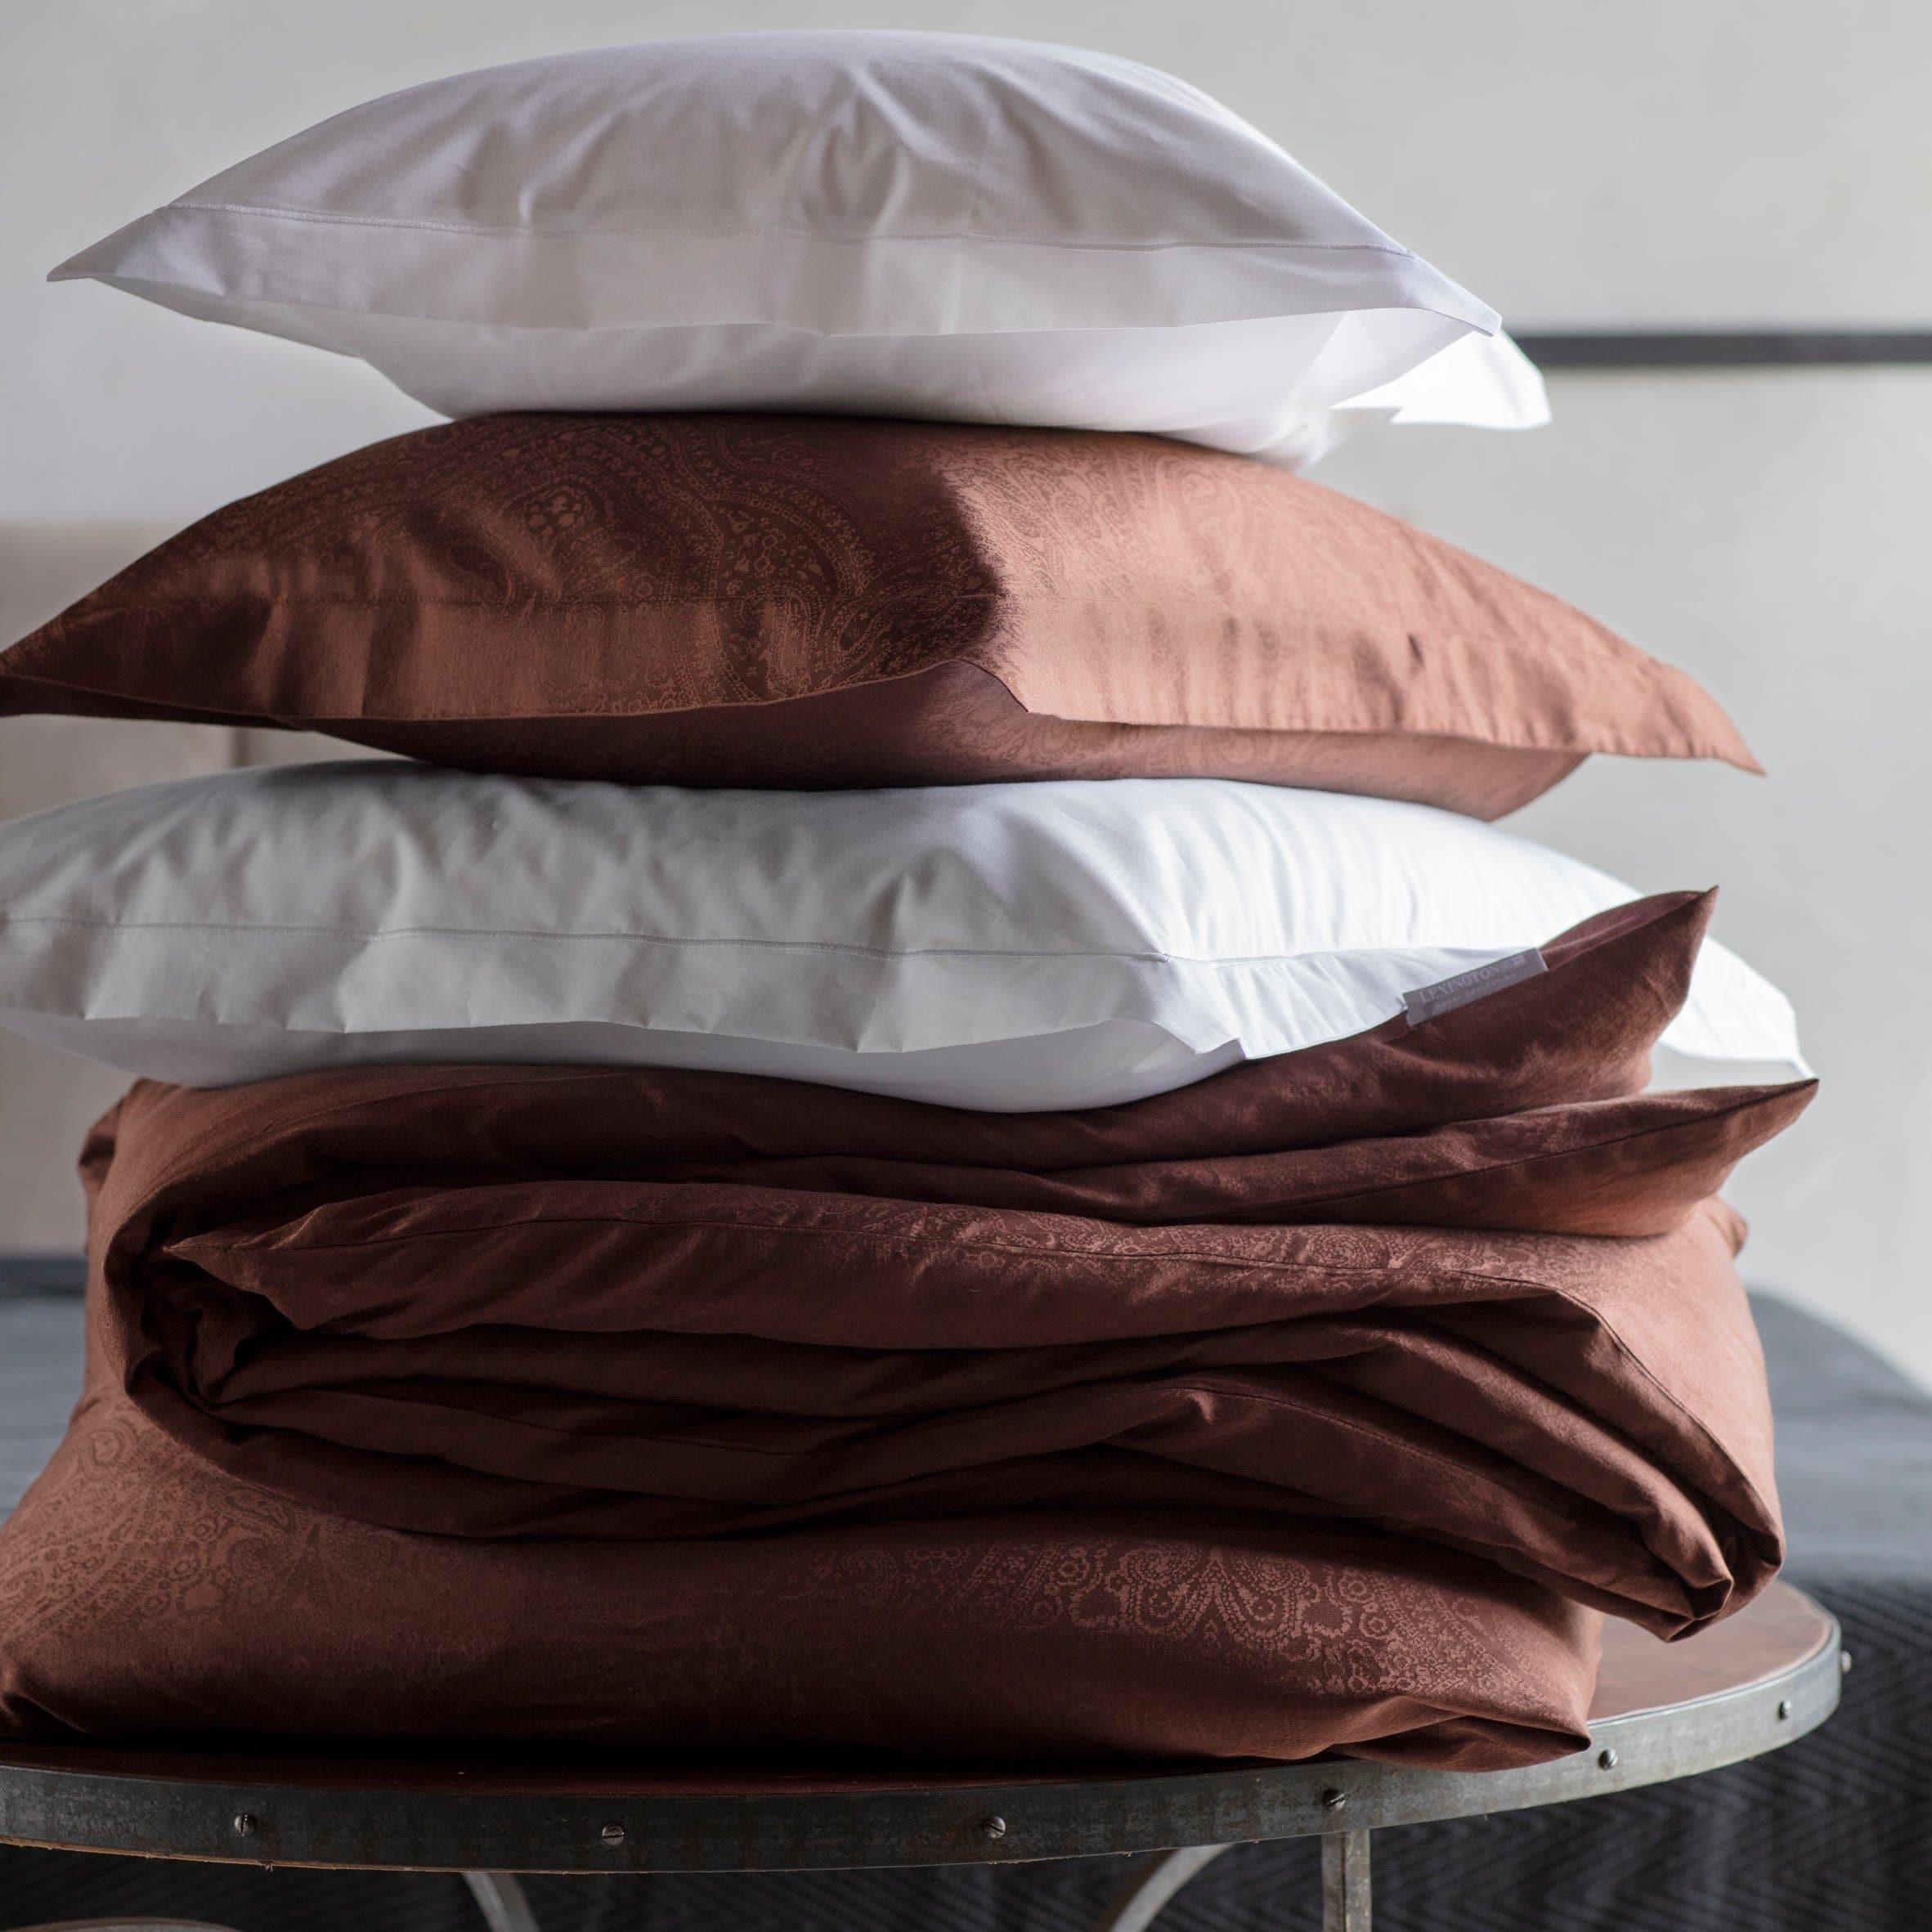 Puuvillasatiini antaa ihanan nukkumiskokemuksen, joten olemme yhdistäneet yksinkertaisen, raikkaan ulkoasun tähän ylellisen pehmeään pussilakanaan. Se on helppo yhdistää muihin vuodevaatteisiisi. Jakardiyksityiskohdat ja koristeelliset reikäompeleet reunoilla.